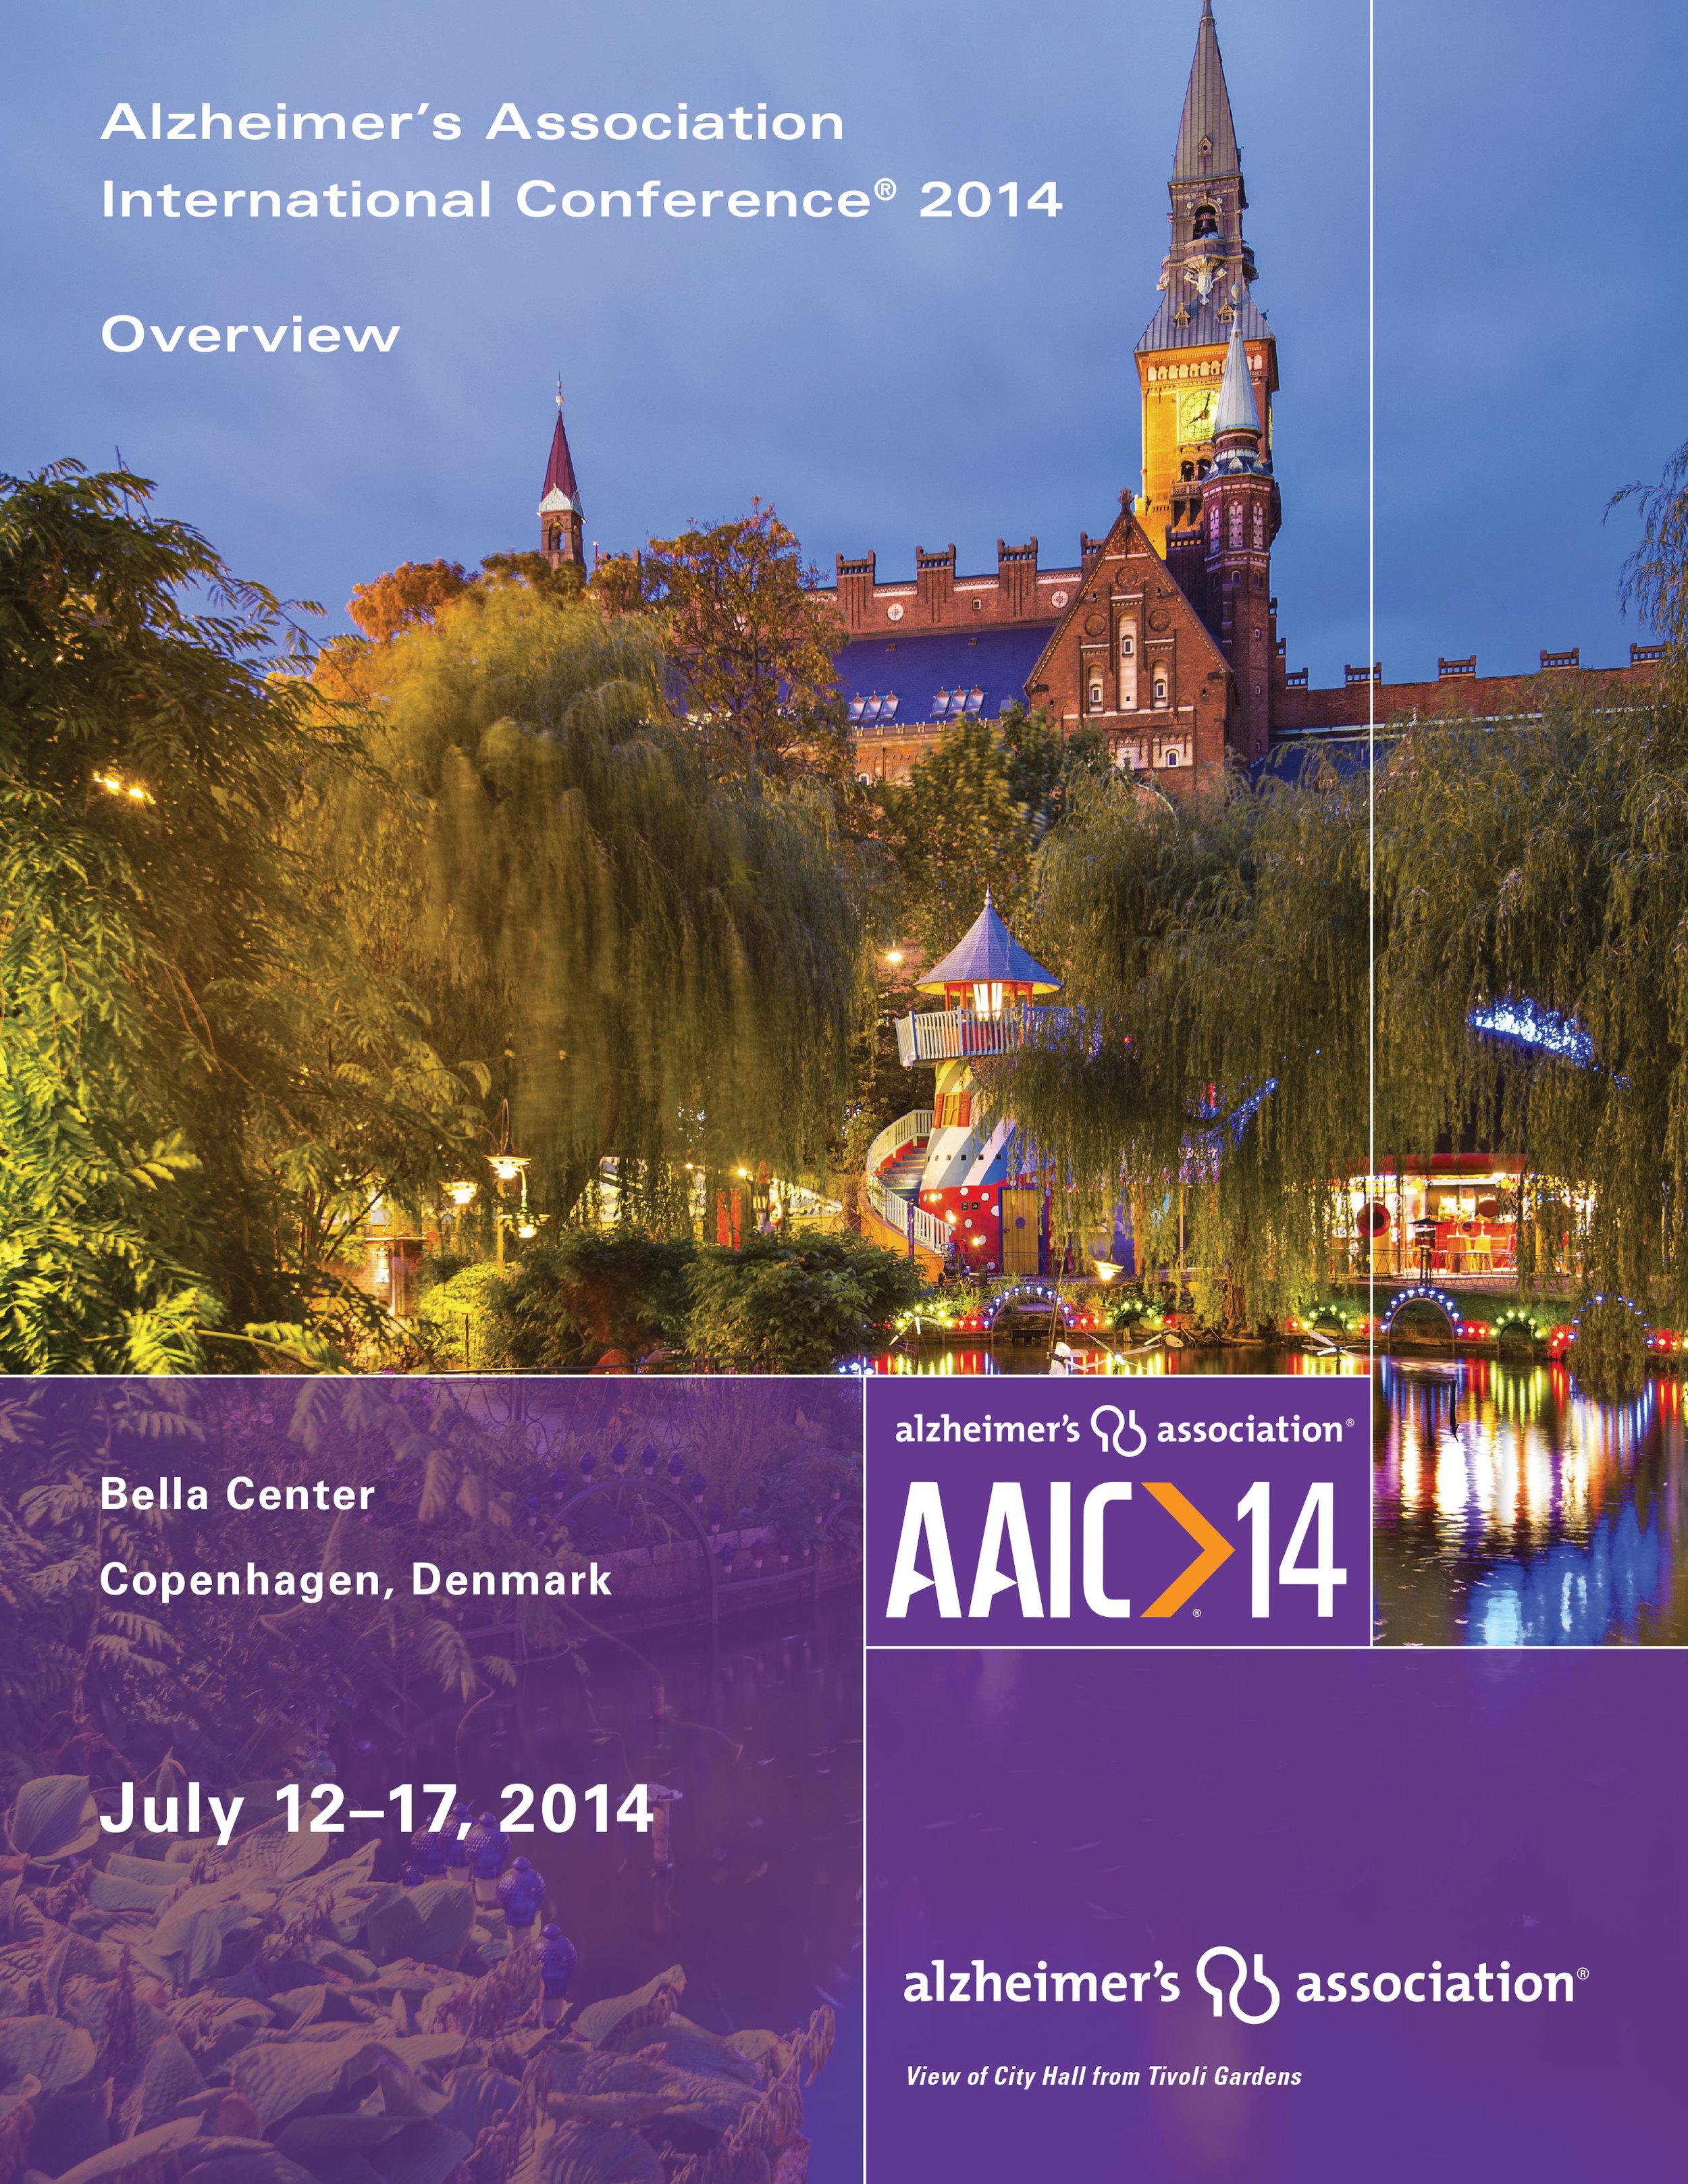 AAIC14 OVERVIEW PROGRAM BOOK